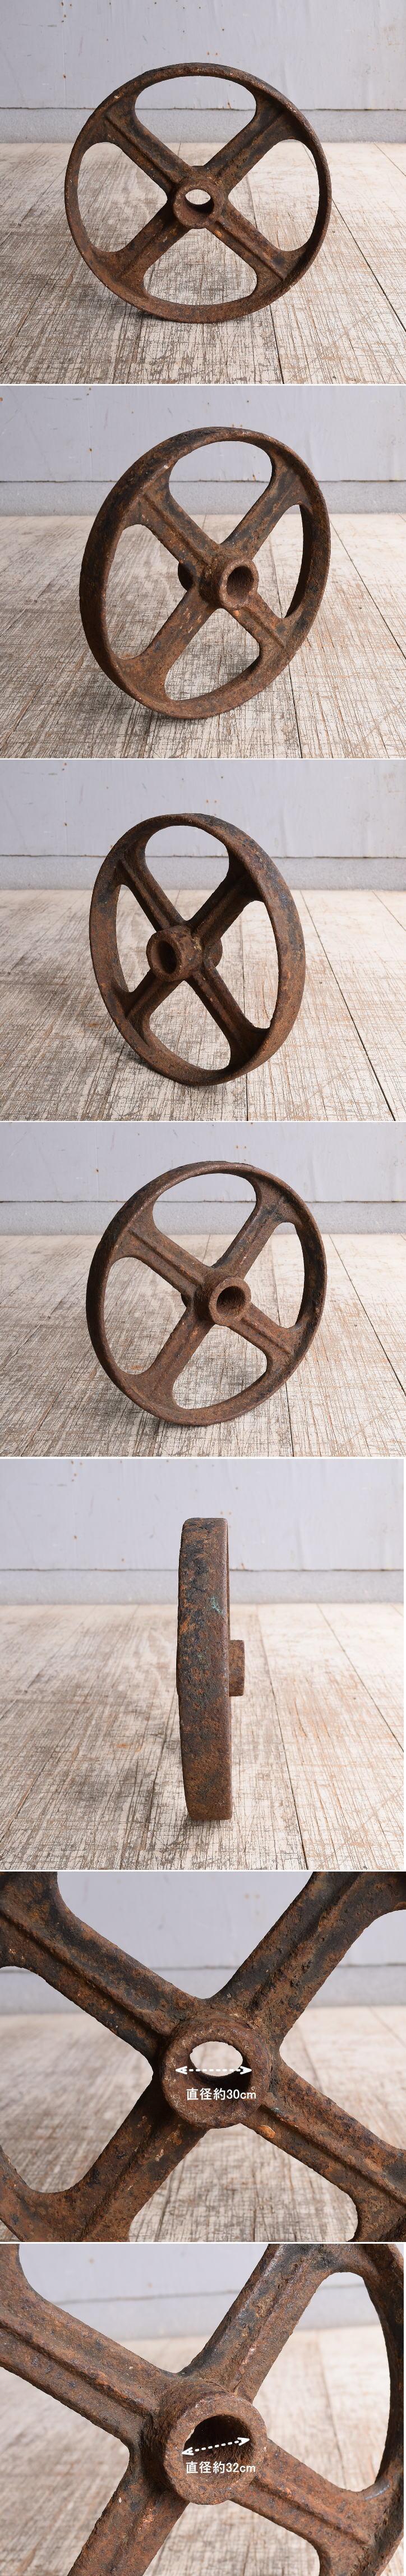 イギリス アンティーク 鉄製 車輪 10256